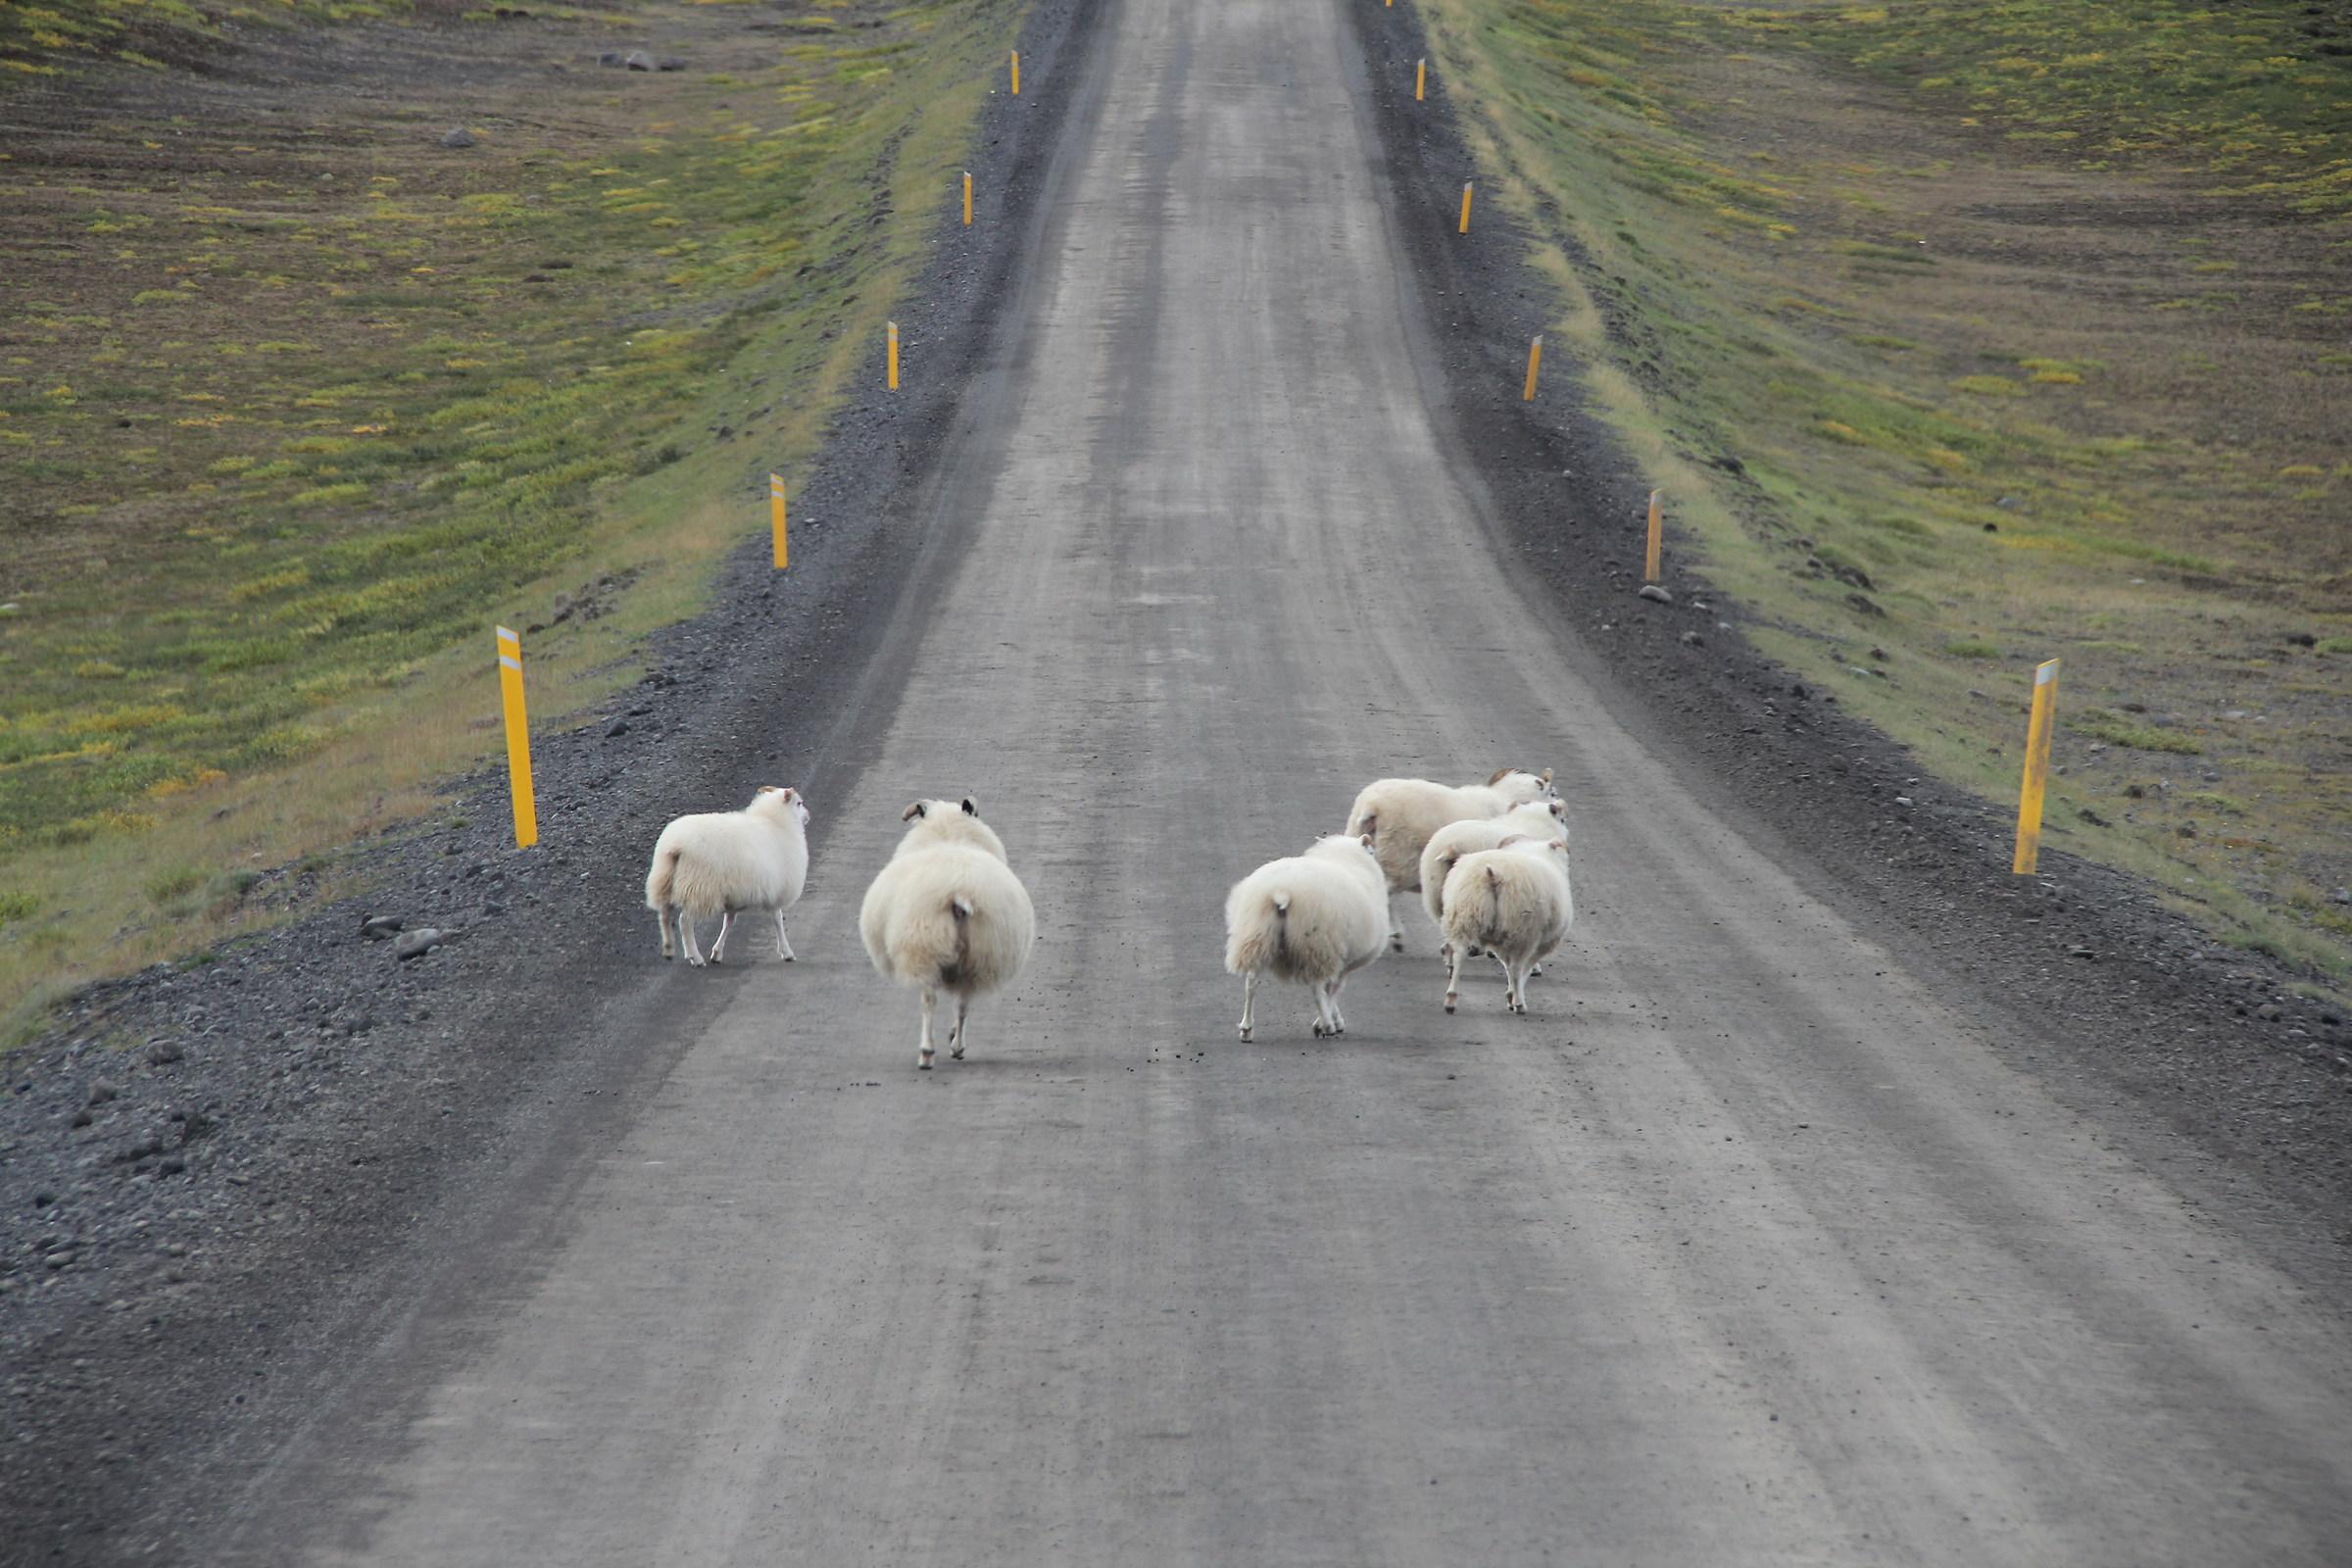 Icelandic rush hour traffic ......